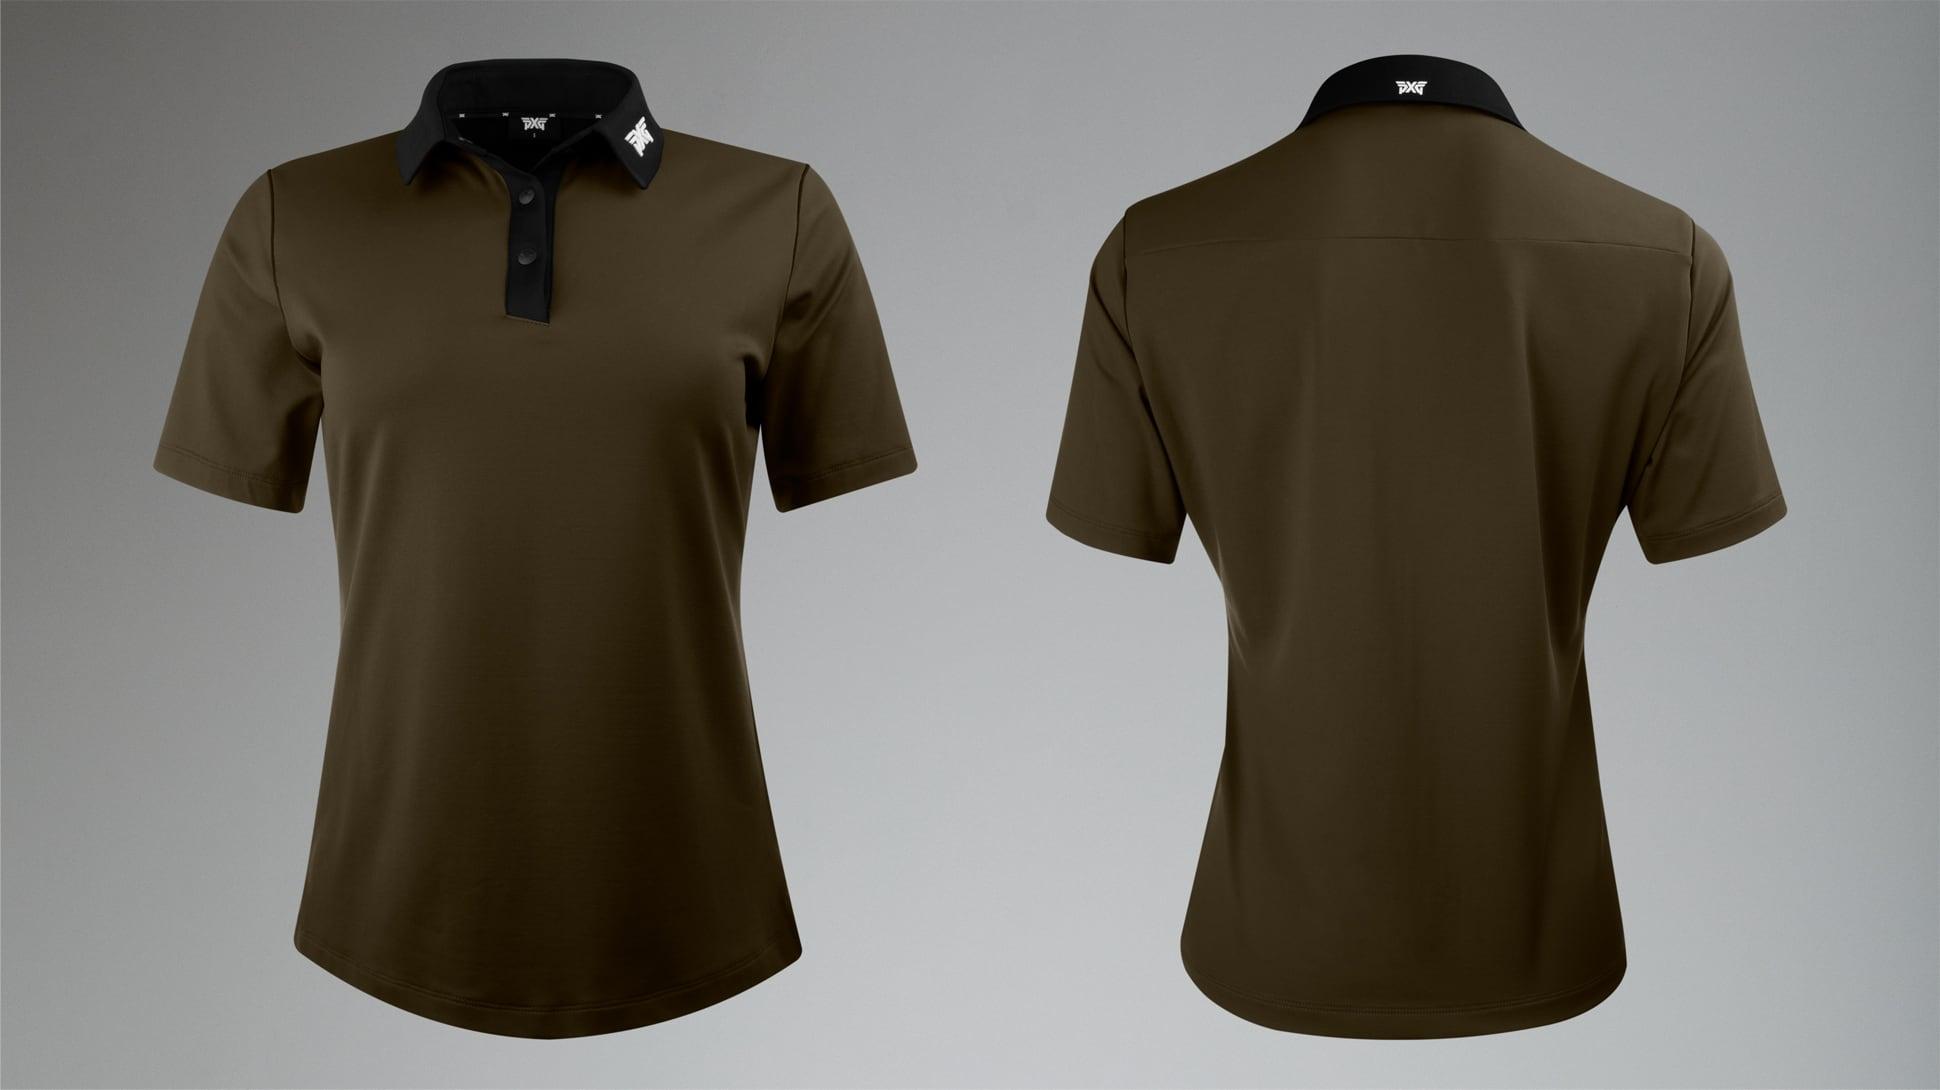 Short Sleeve Xtreme Polo Image 2